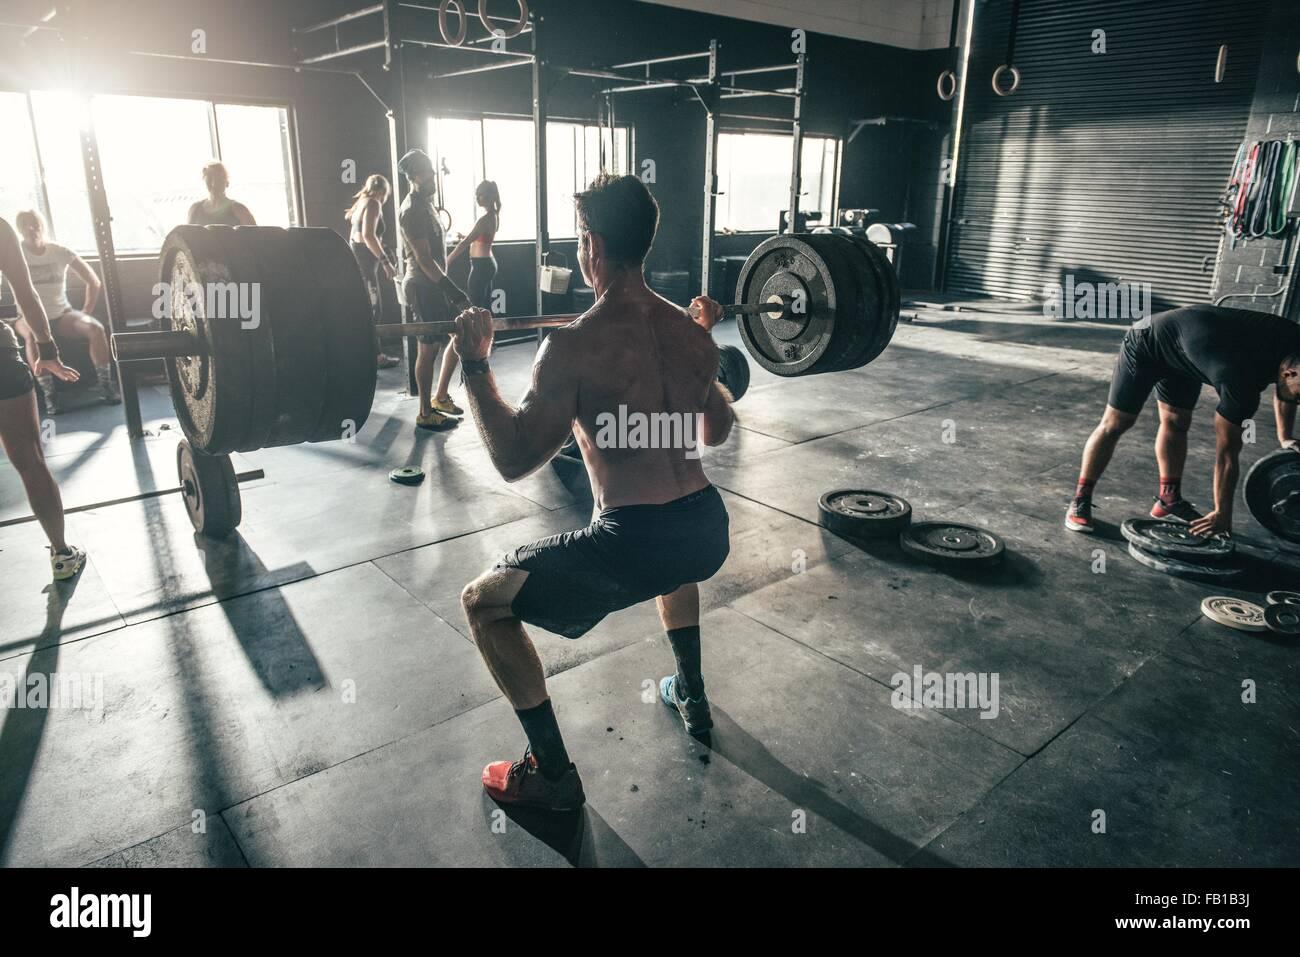 La formation de l'homme dans la salle de sport Photo Stock